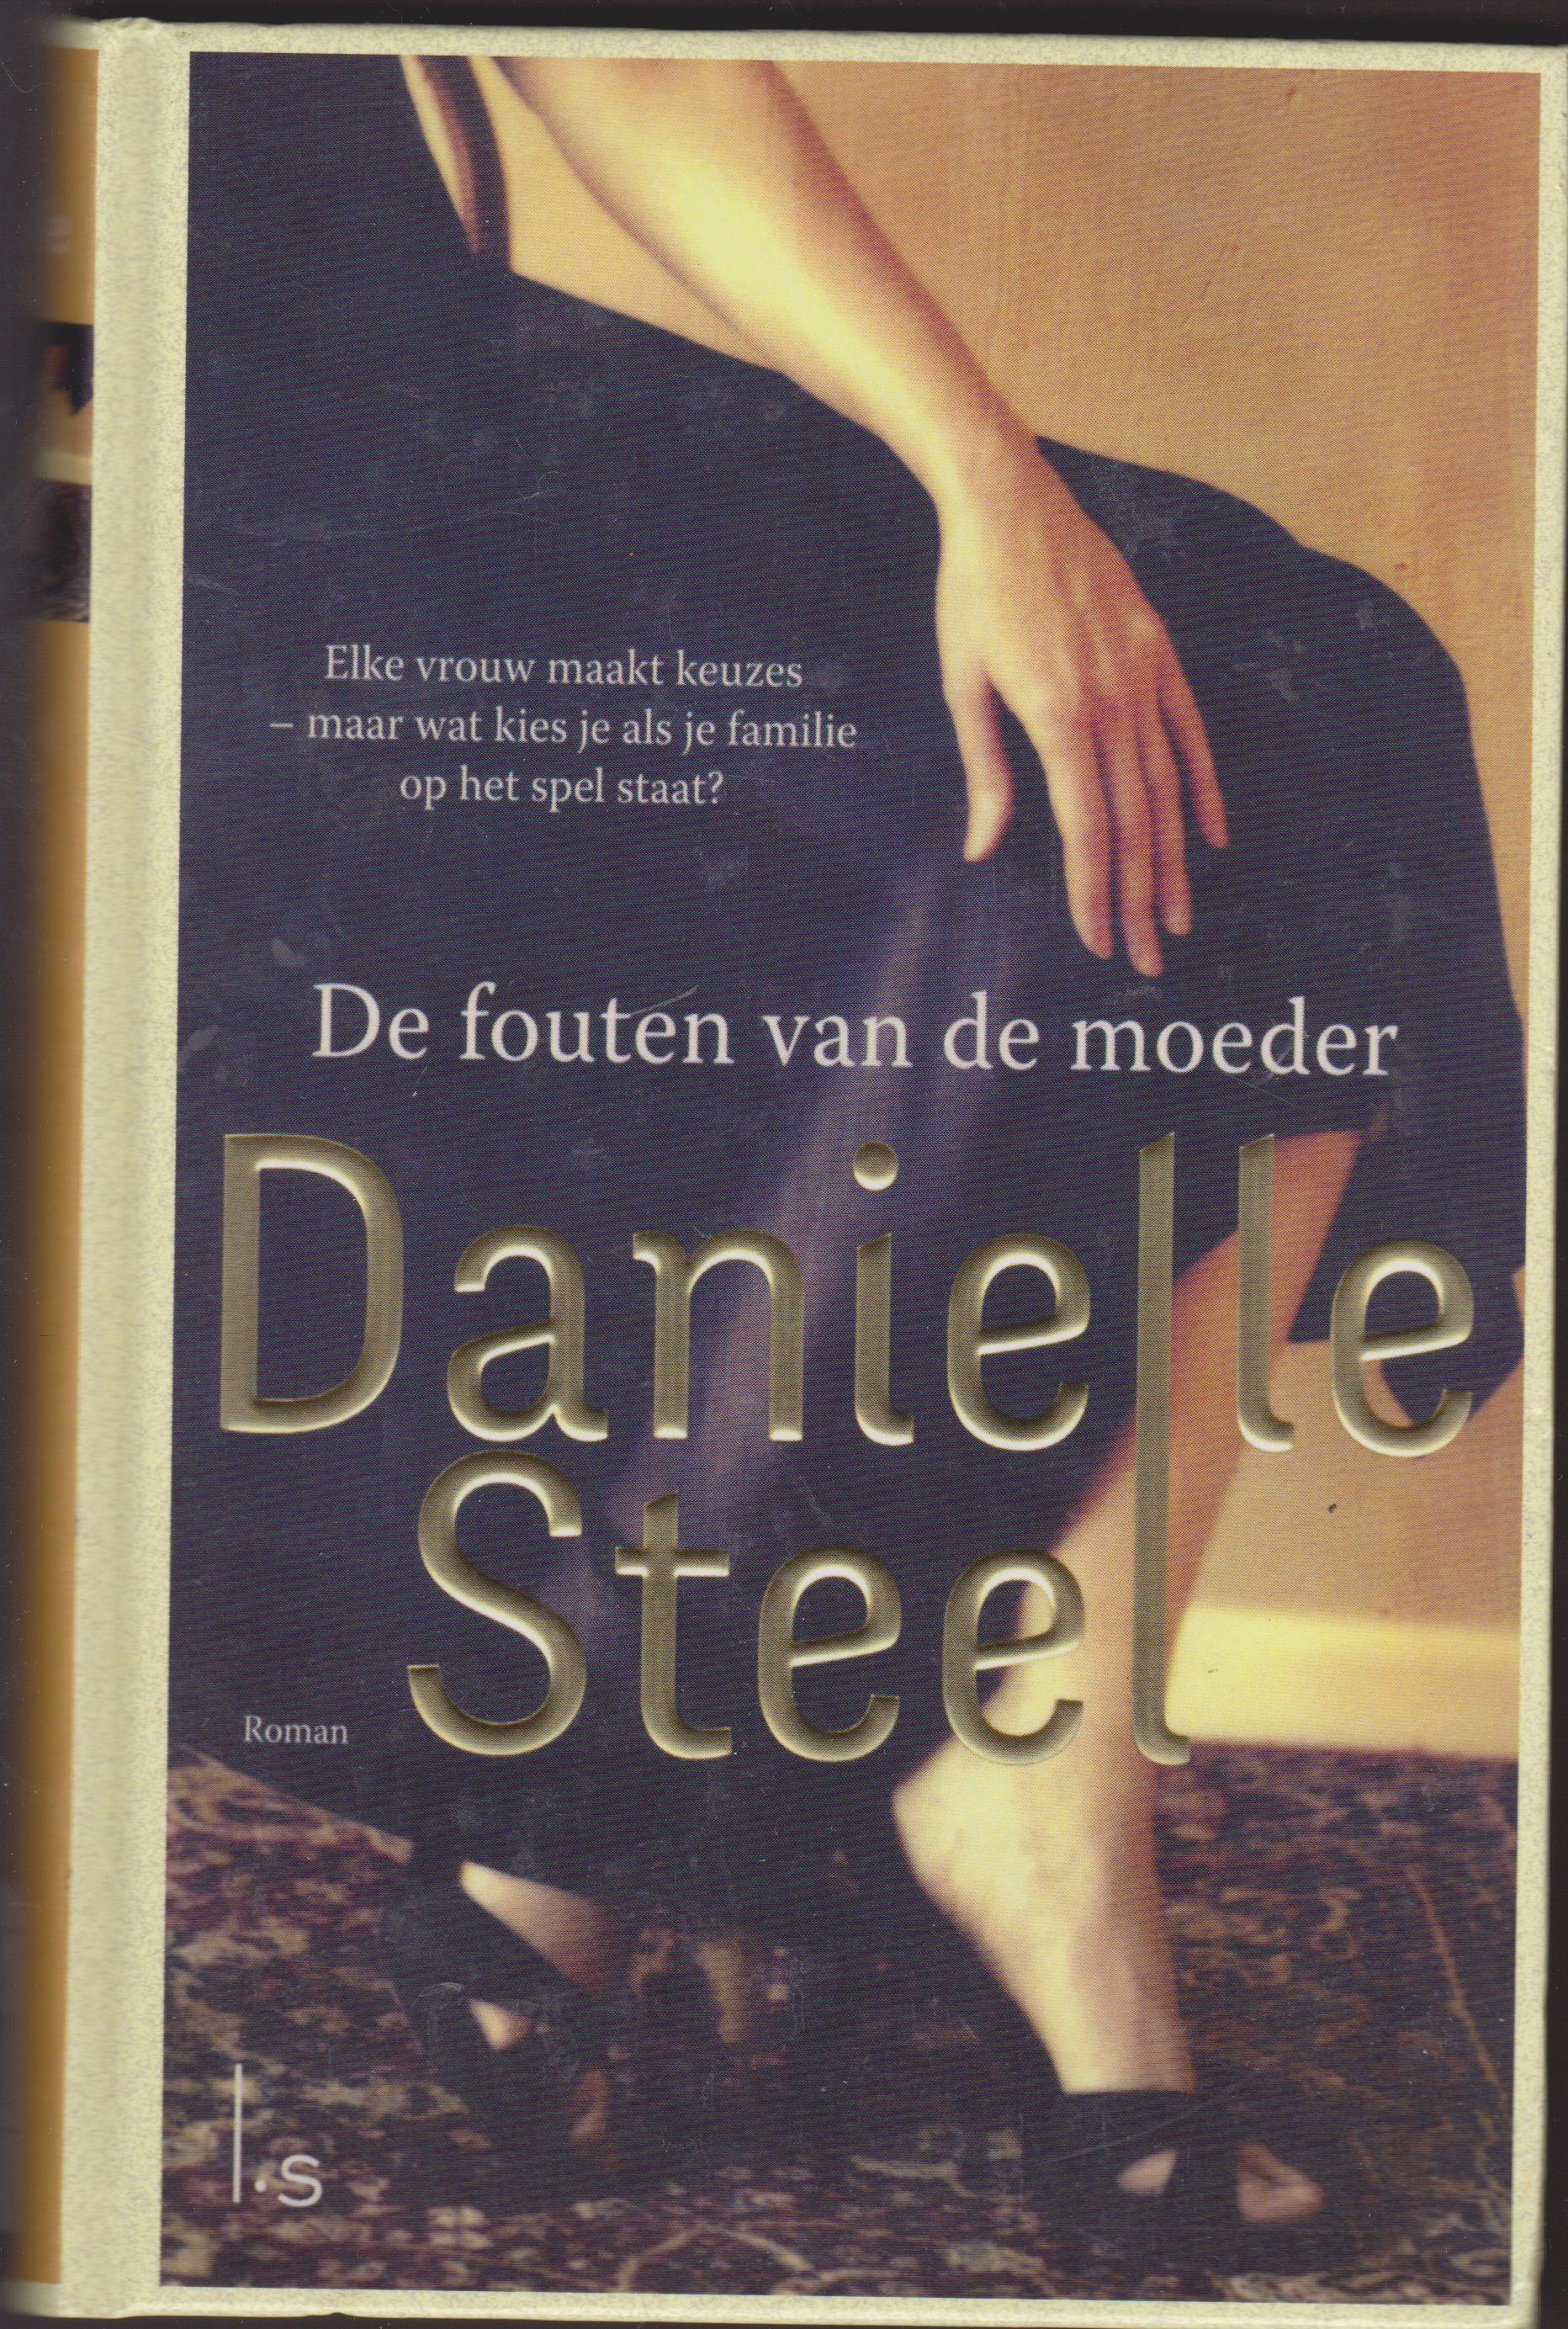 De fouten van de moeder - Danielle Steel (holandsky)